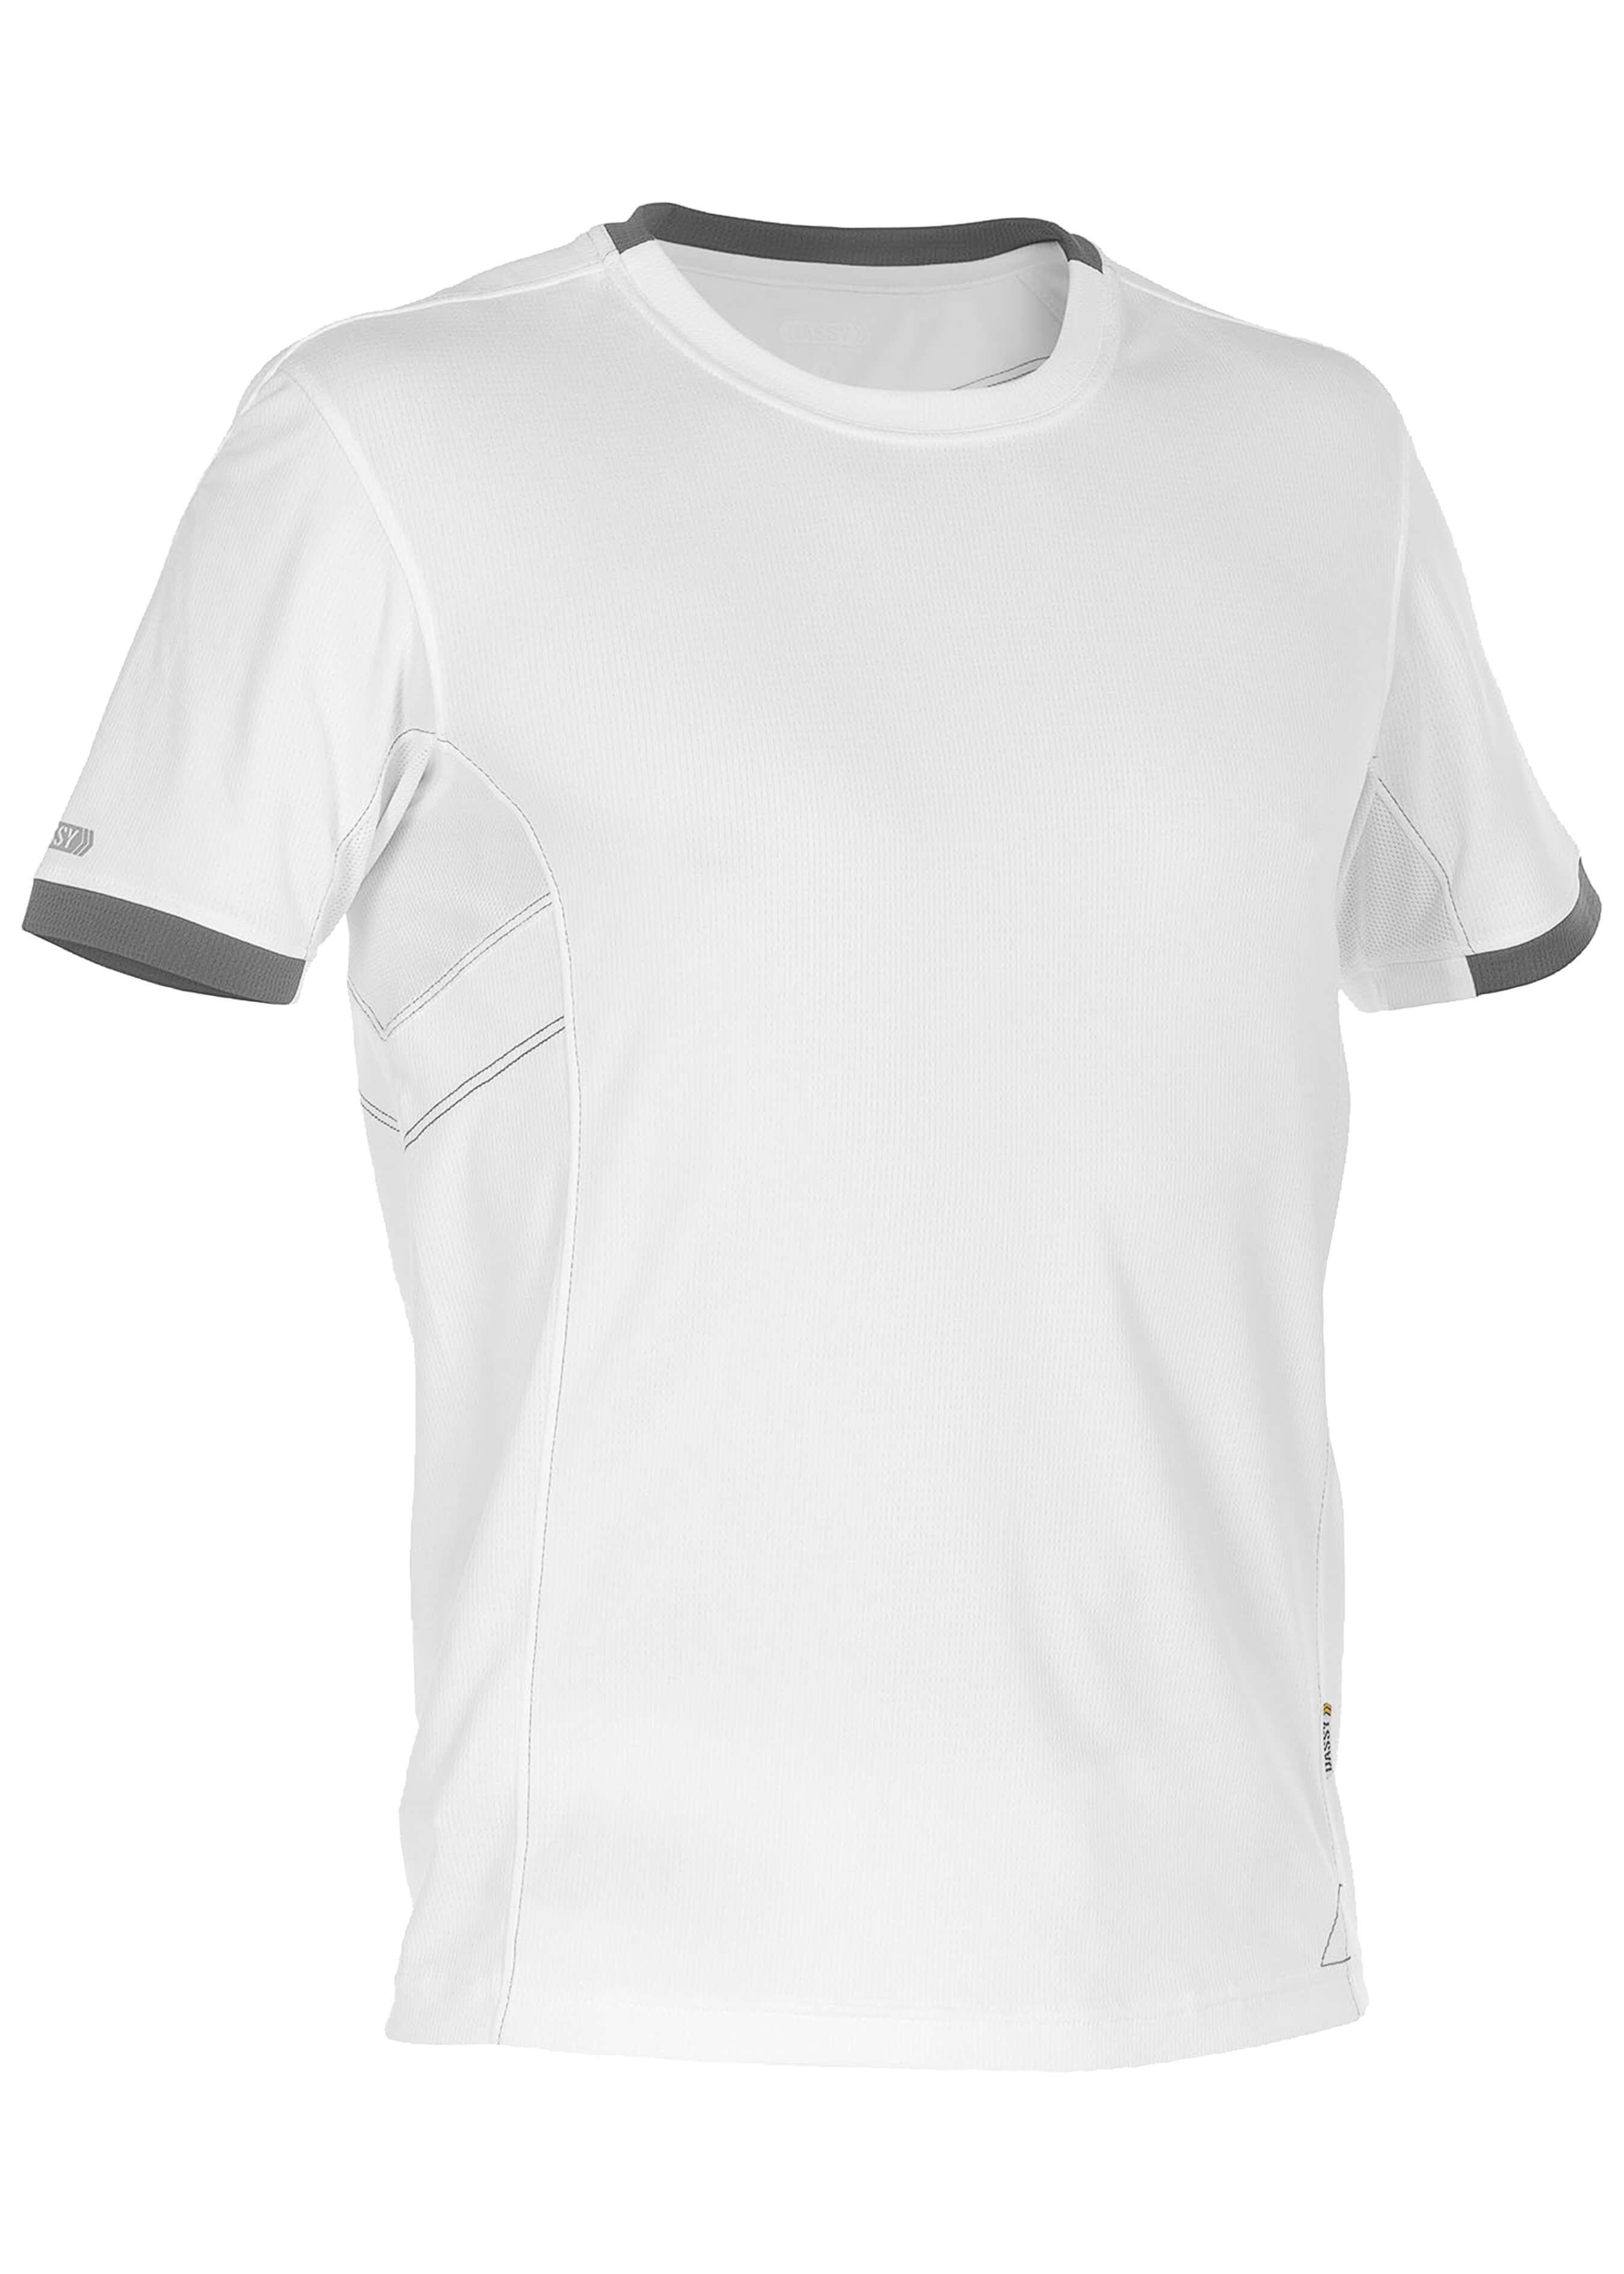 t-shirt pour peinture hommes Nexus 256114L 1